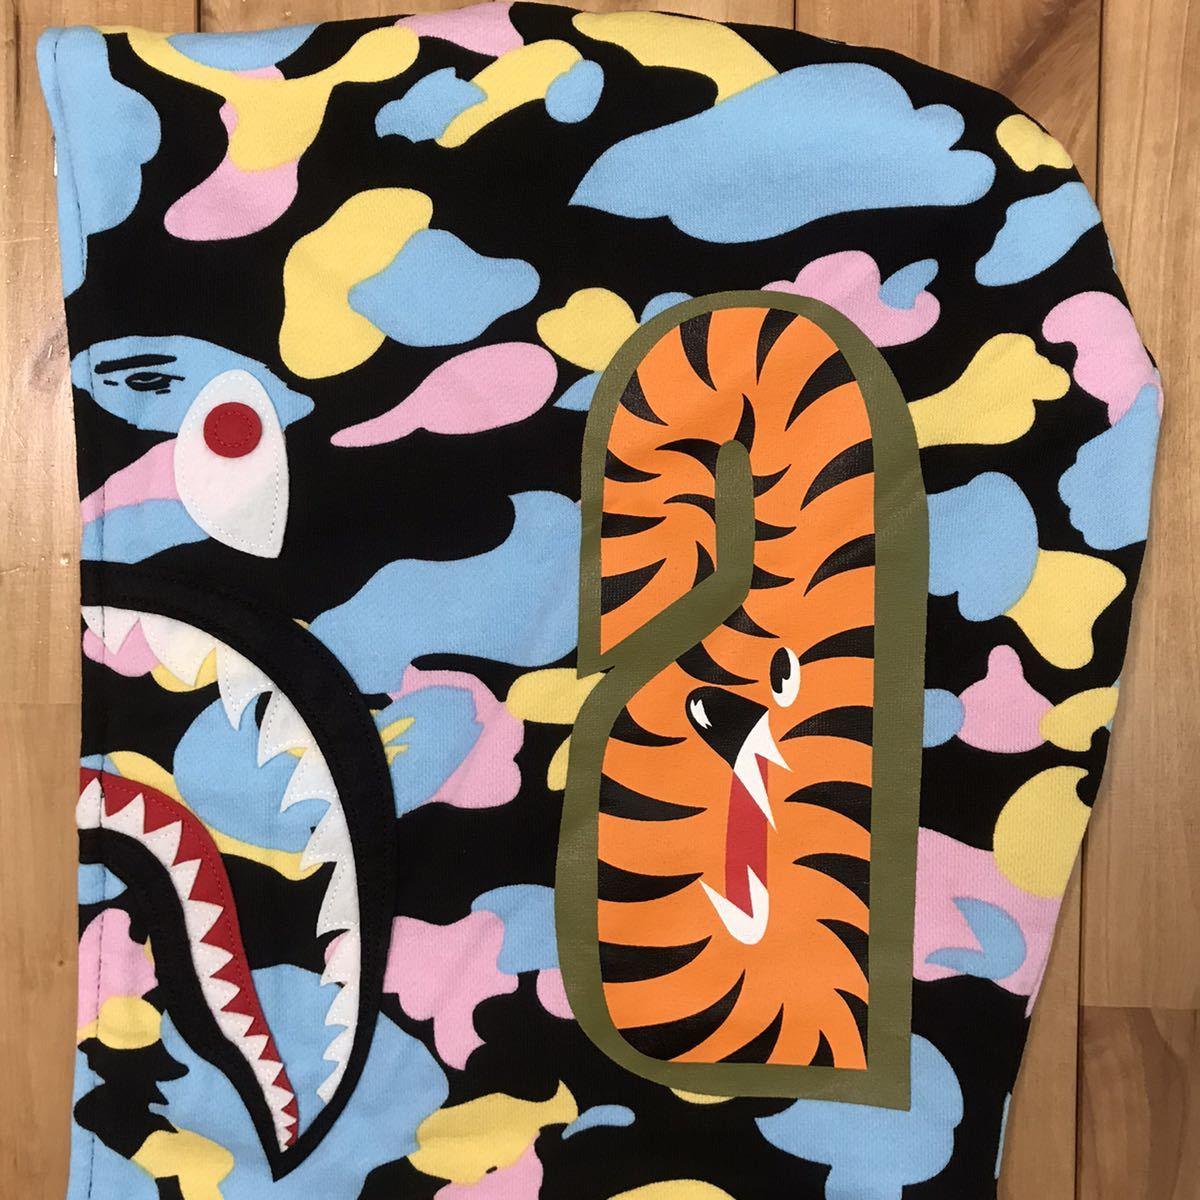 ★新品★ New multi camo シャーク パーカー XLサイズ cotton candy camo shark full zip hoodie エイプ ベイプ アベイシングエイプ 迷彩